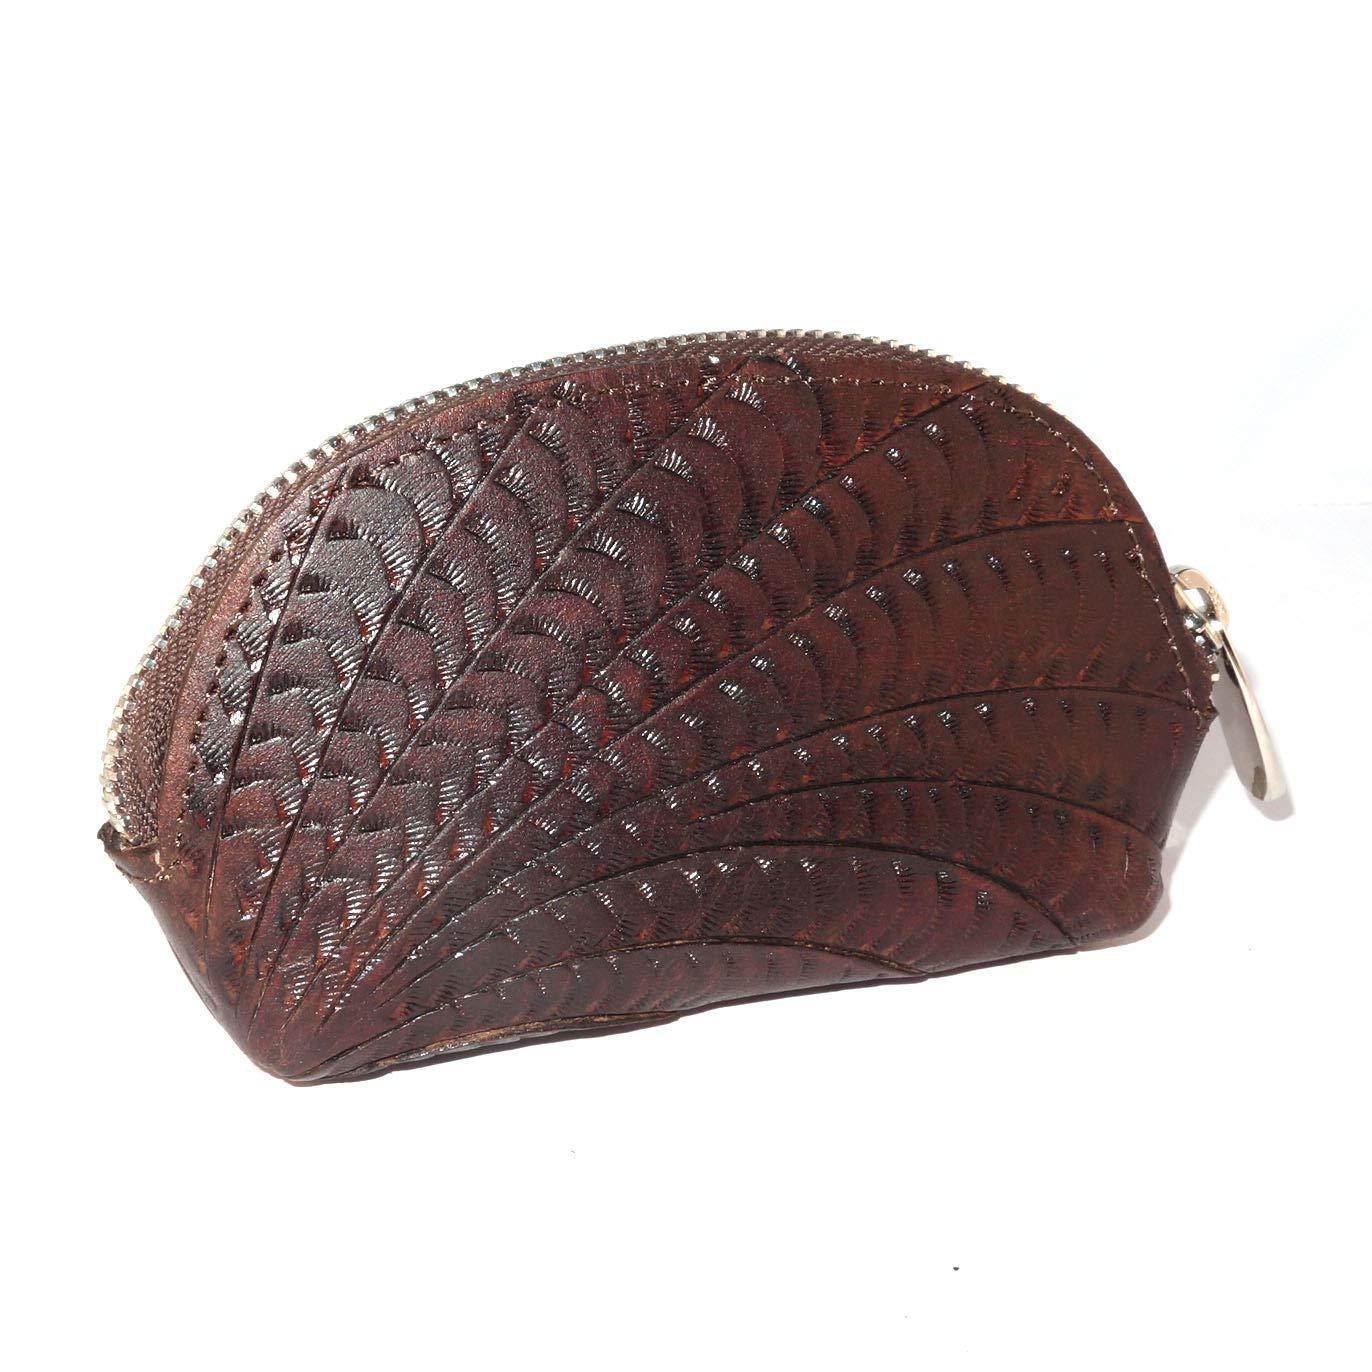 Hand Purse Dark Brown Handmade Genuine Leather Coin Purse Change Purse Change Purse Vintage Gift Pouch